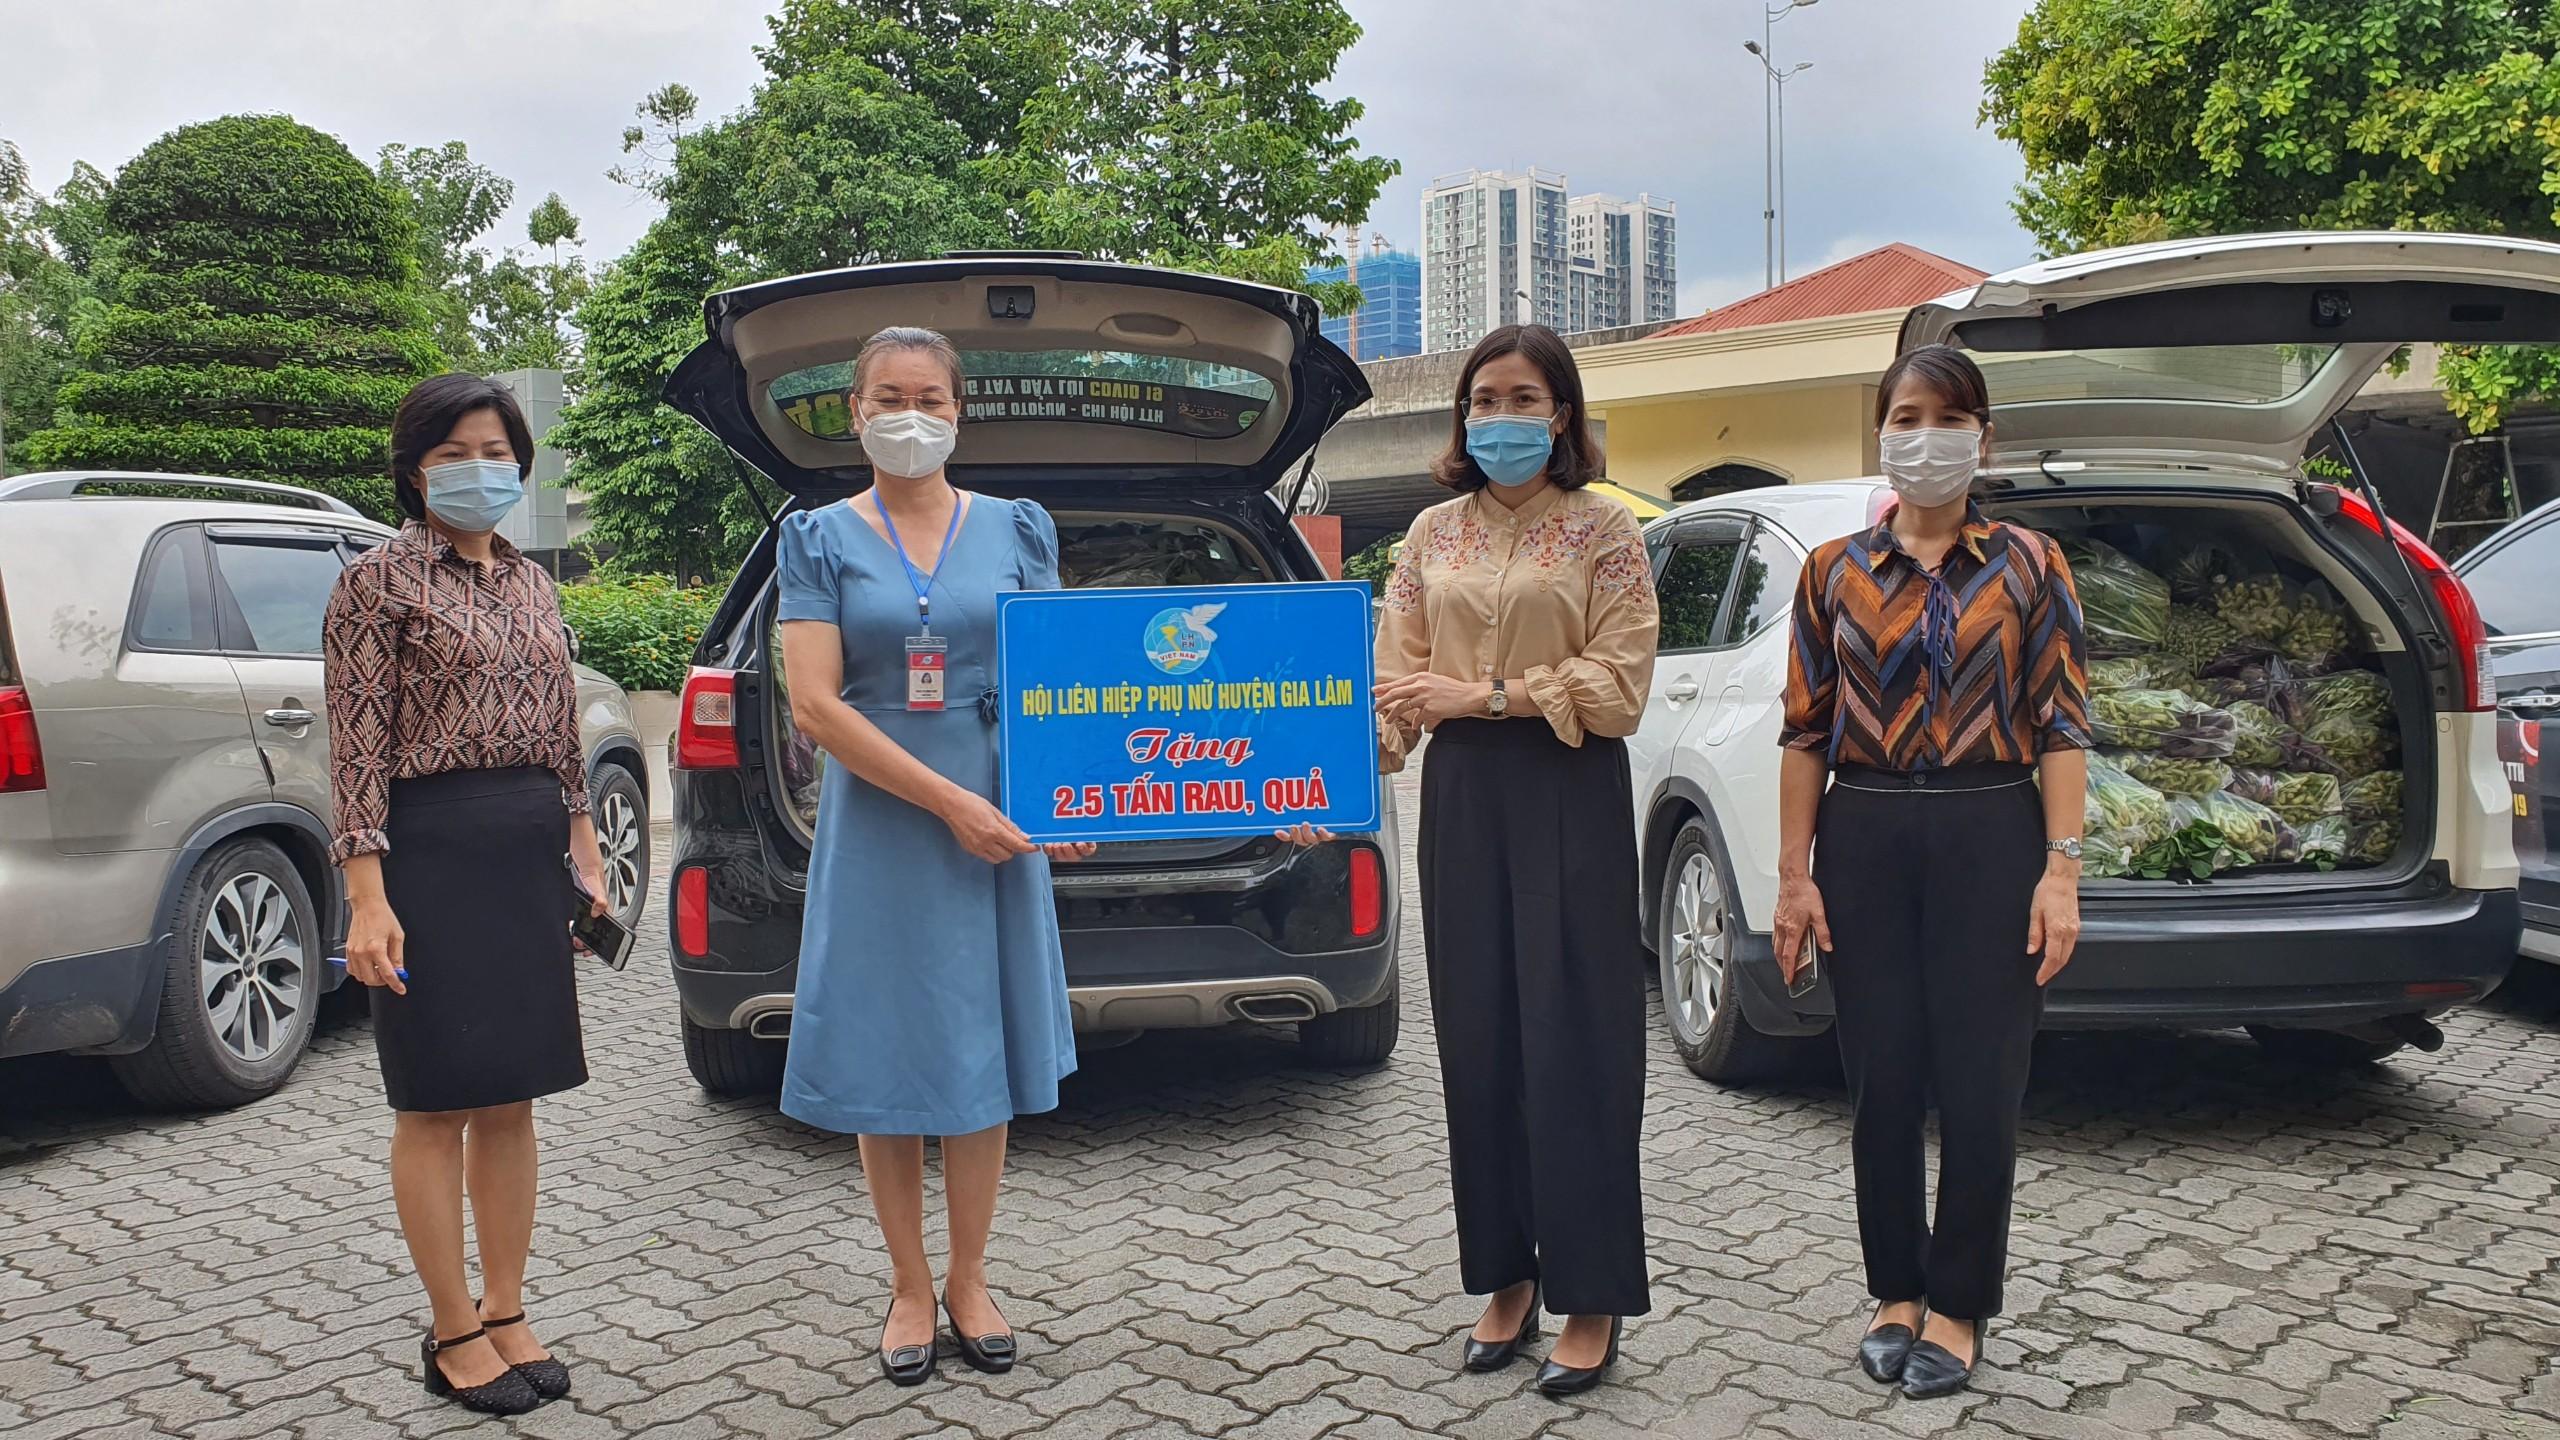 Hội LHPN huyện Gia Lâm trao tặng rau hỗ trợ phụ nữ quận Thanh Xuân